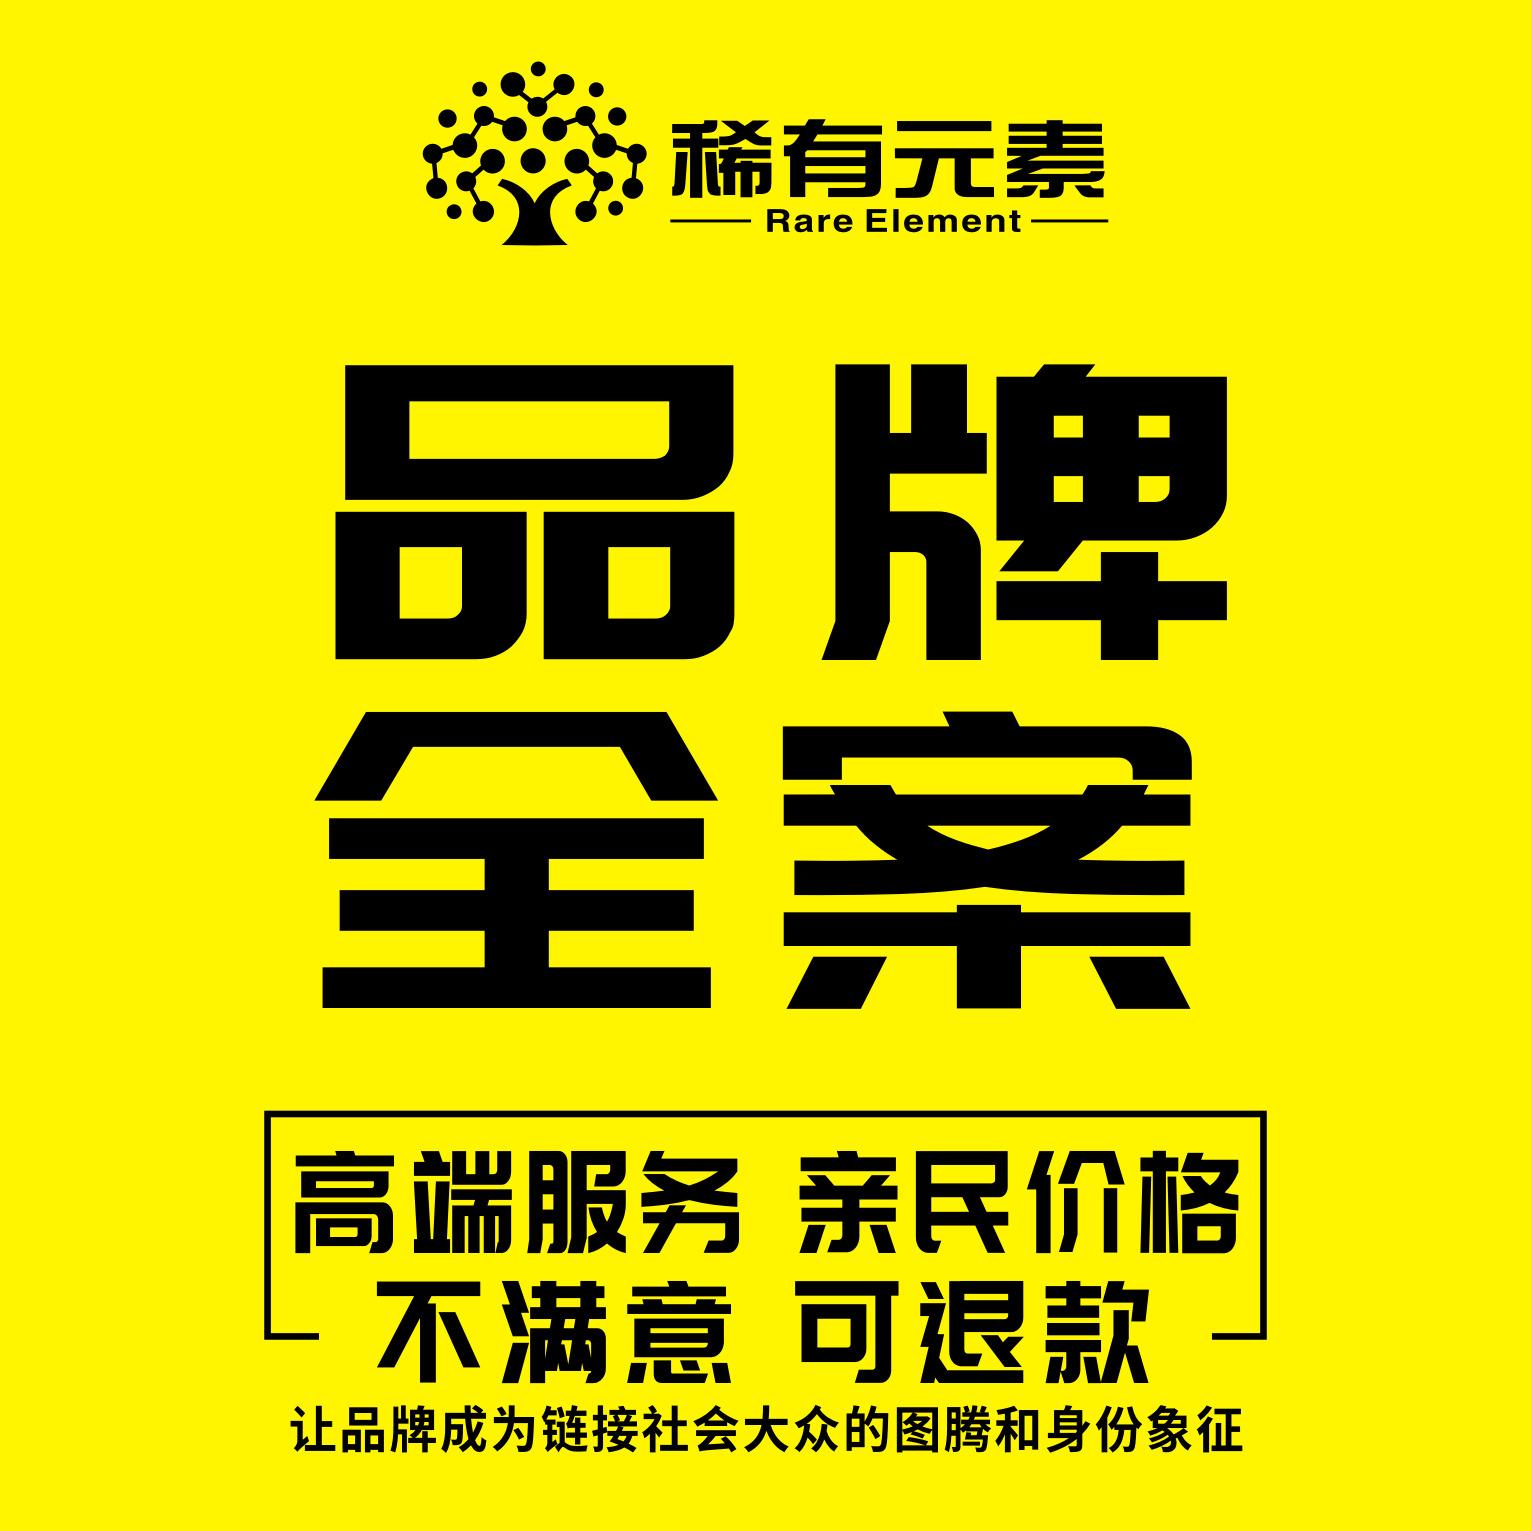 石家庄天津合肥贵阳南昌长沙福州品牌策划公司营销策划全案设计